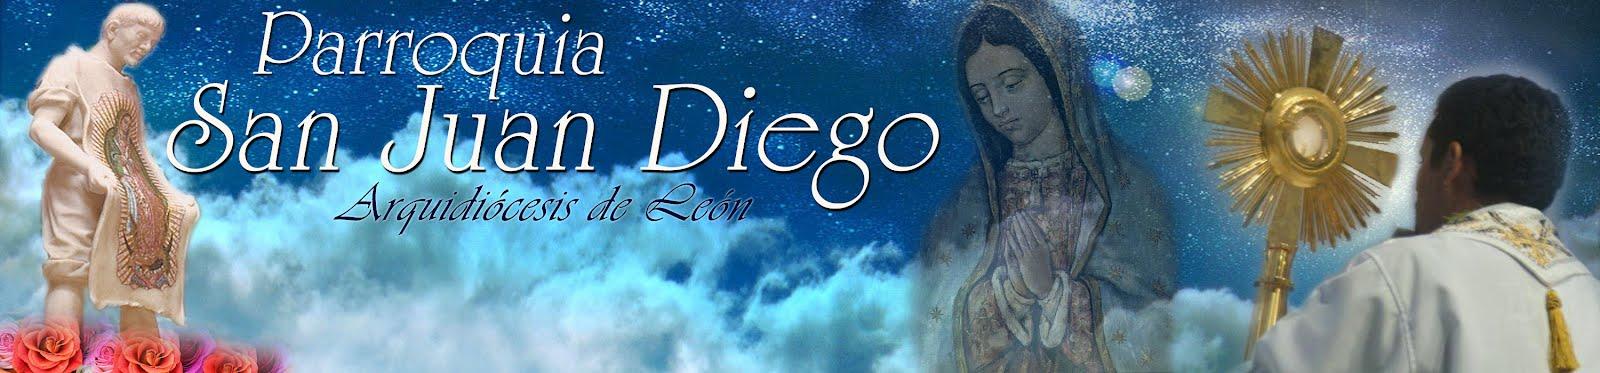 Parroquia San Juan Diego